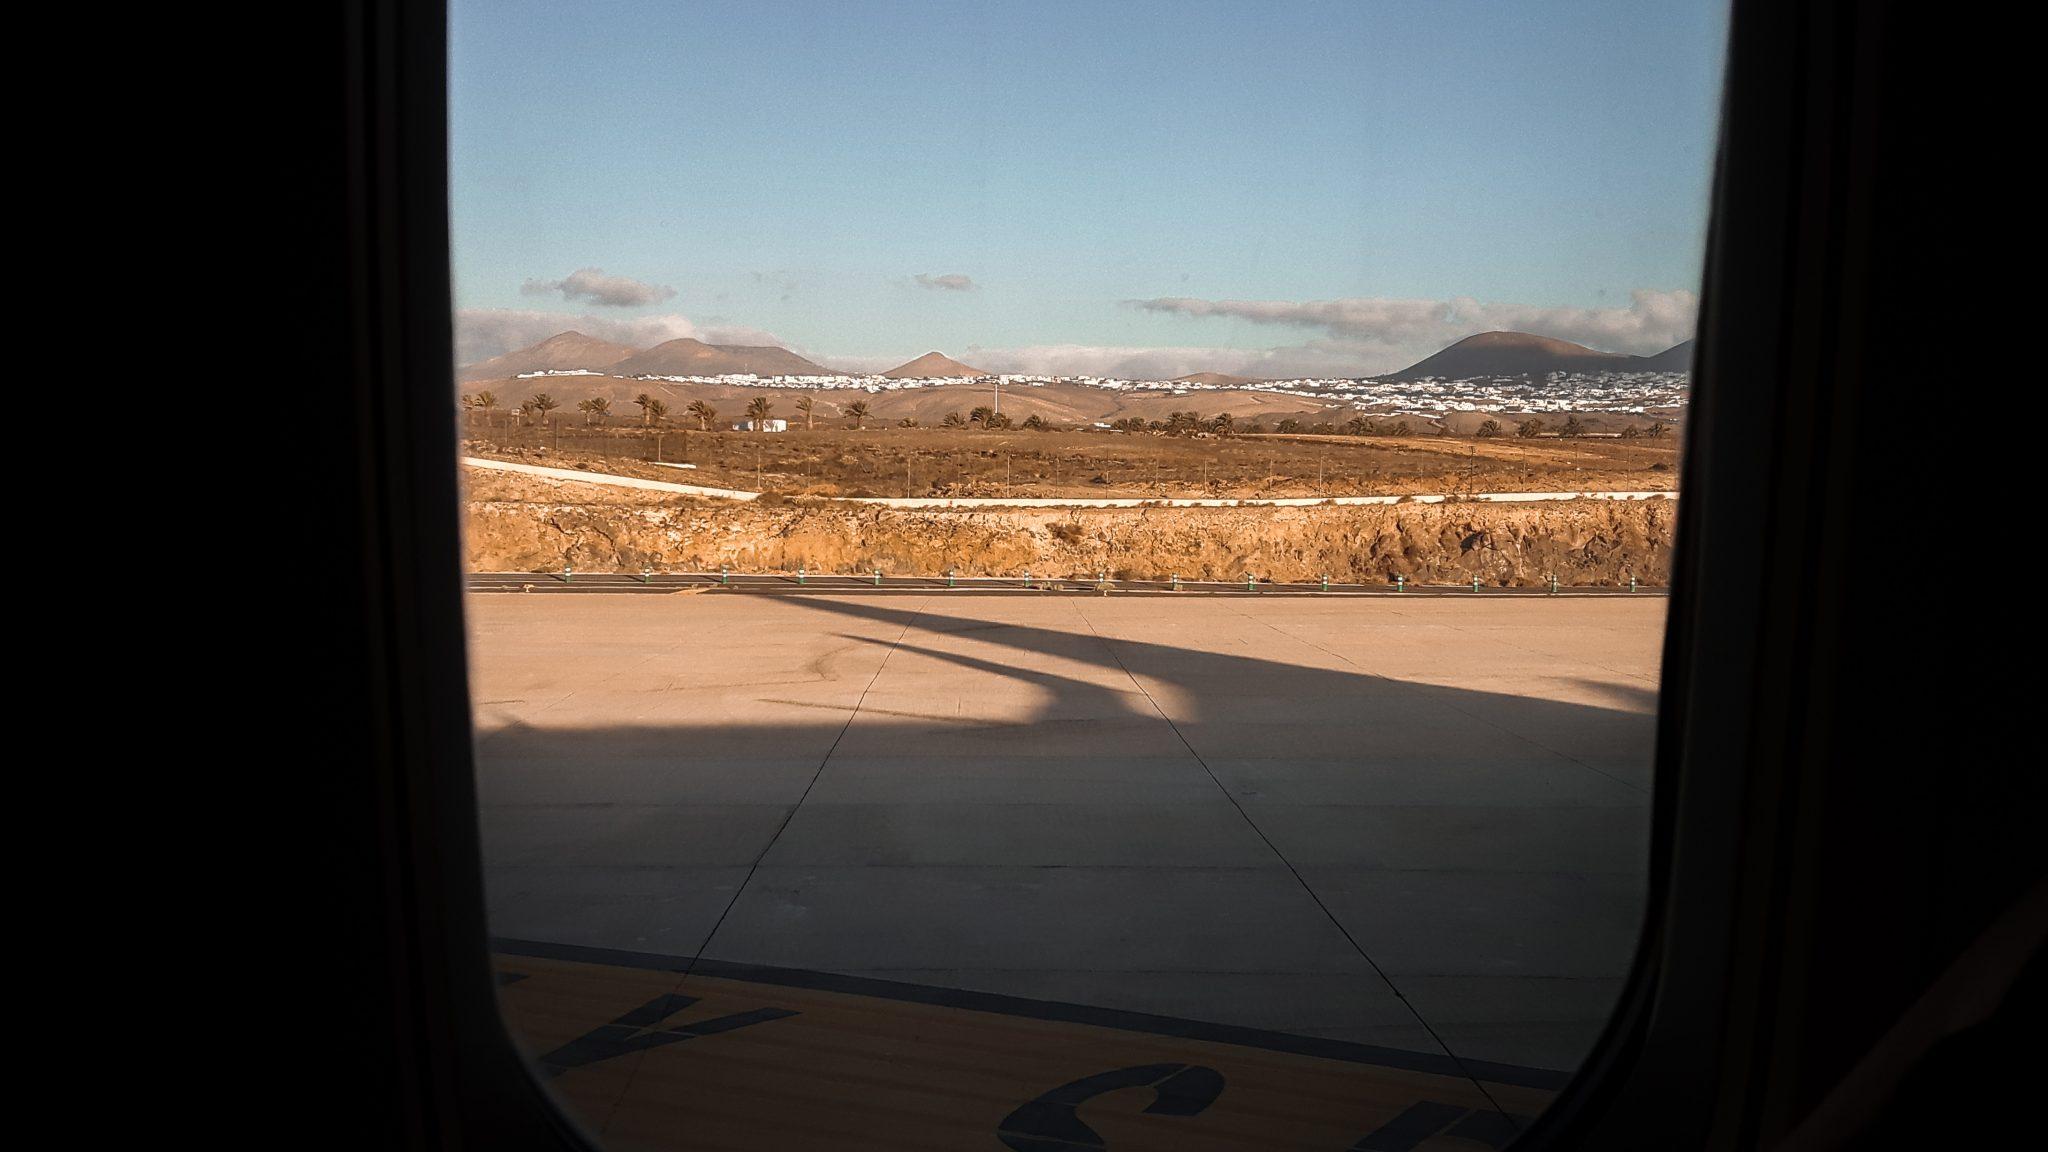 entspannt-fliegen-7-tipps-für-deinen-nächsten-flug-landebahn